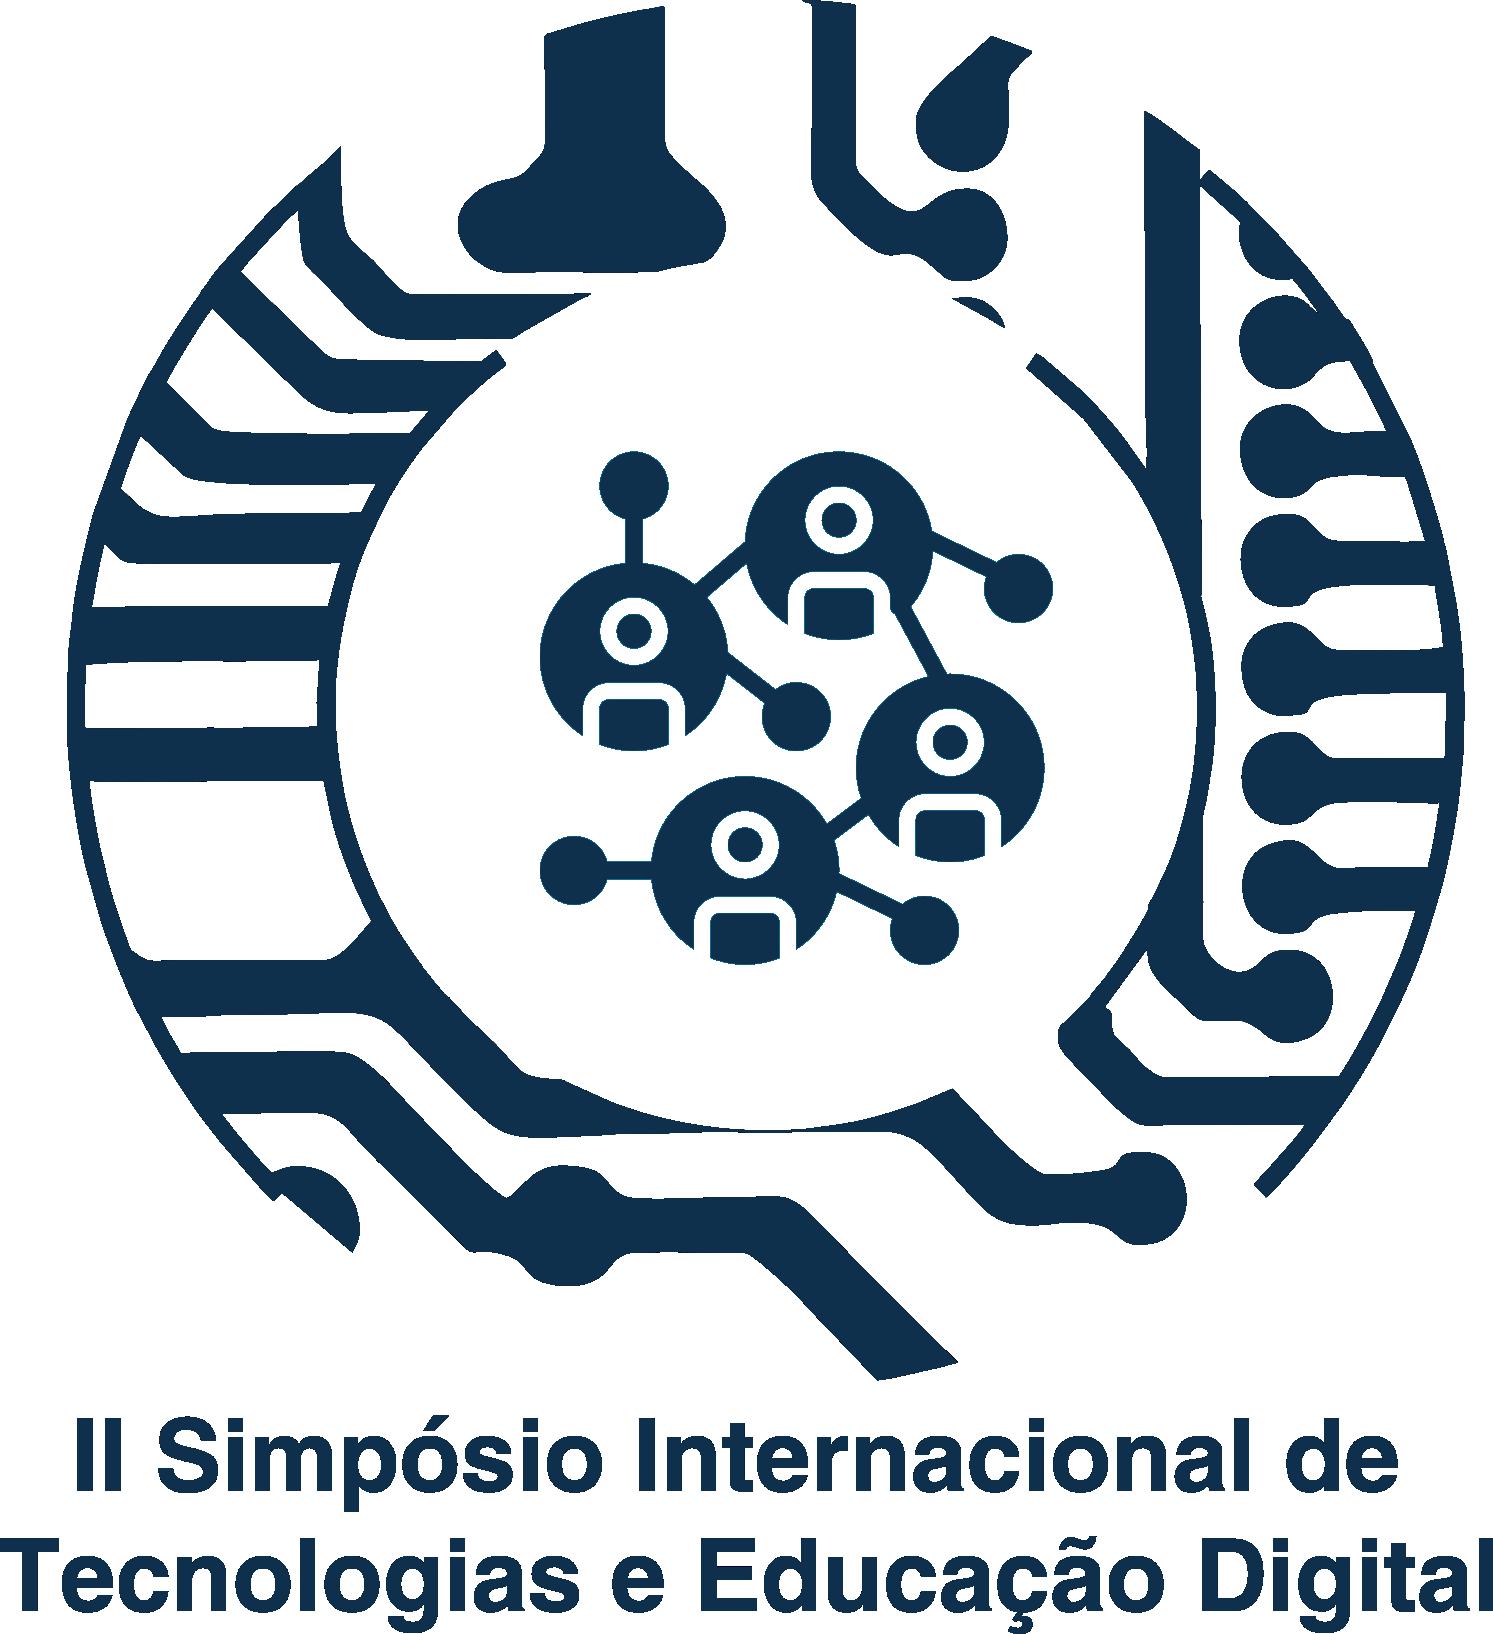 II Simpósio Internacional de Tecnologias e Educação Digital (Etapa Virtual)